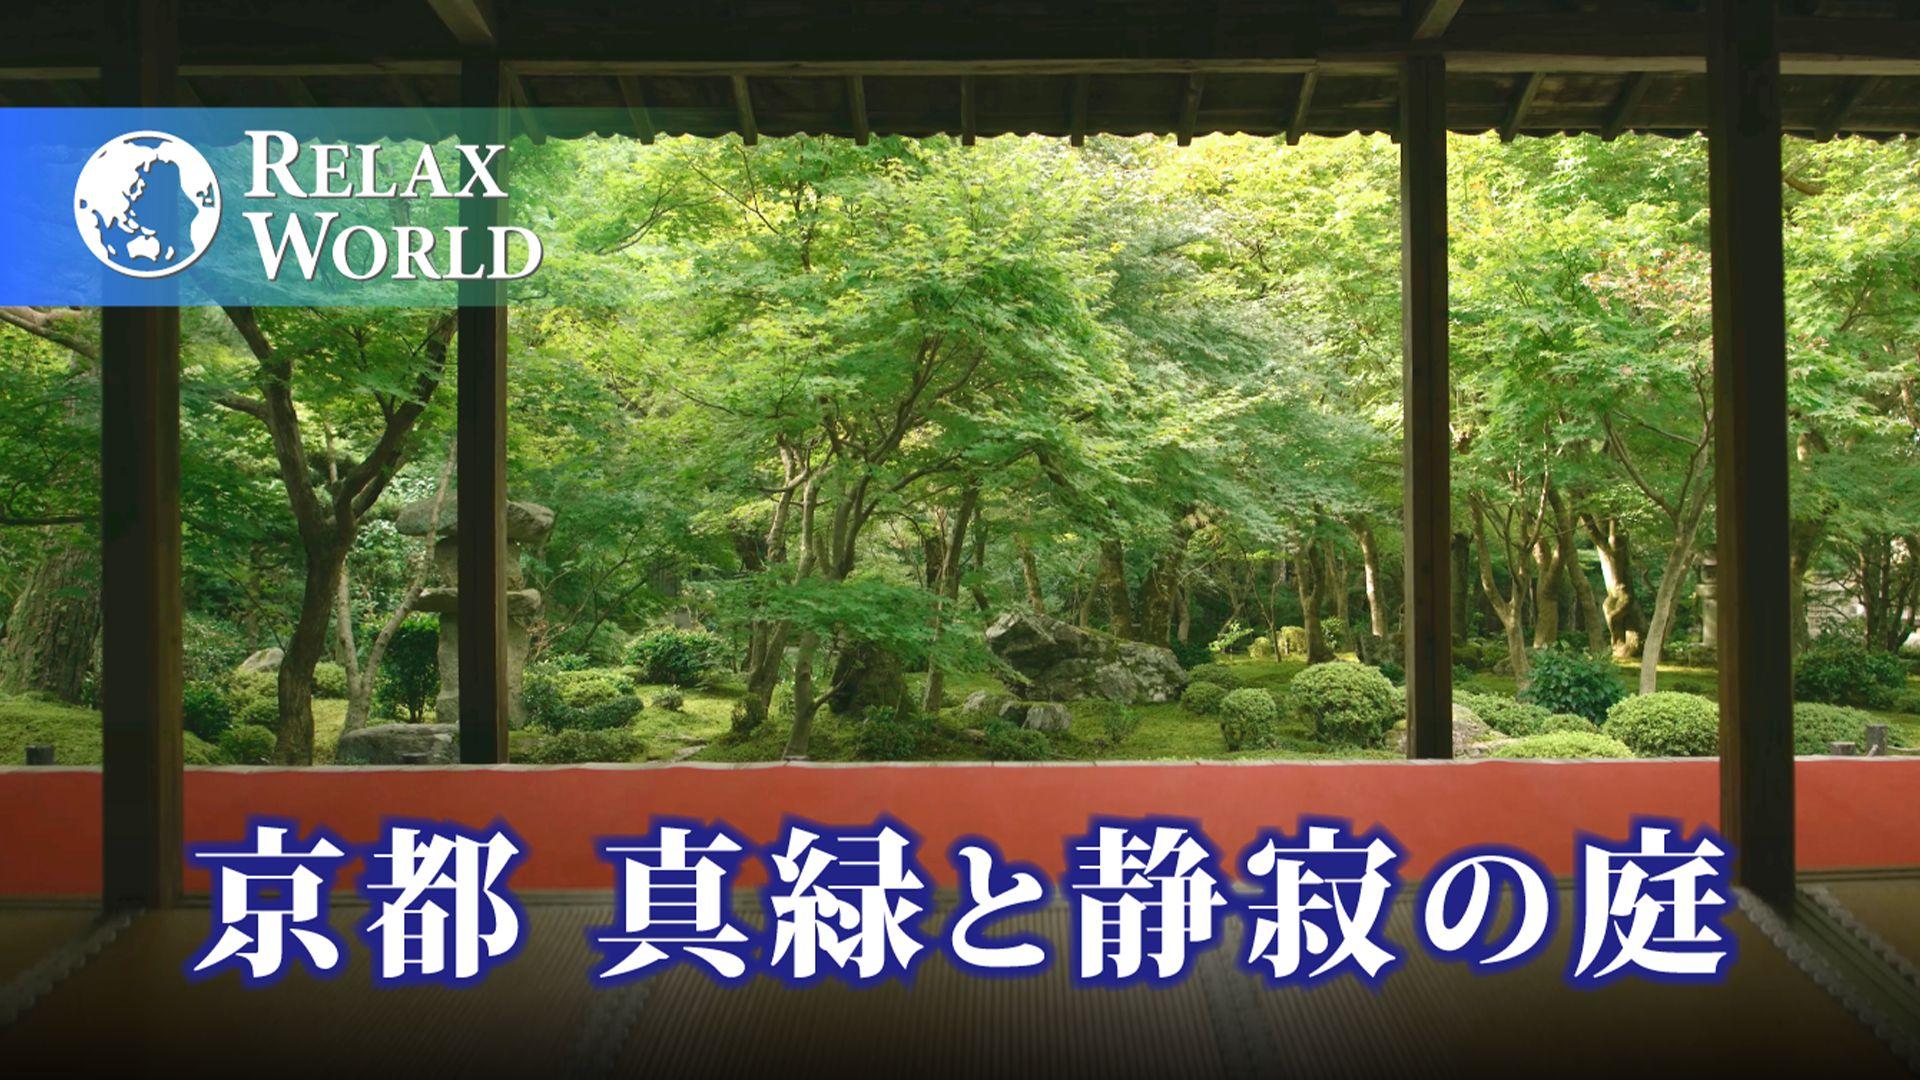 京都 真緑と静寂の庭【RELAX WORLD】